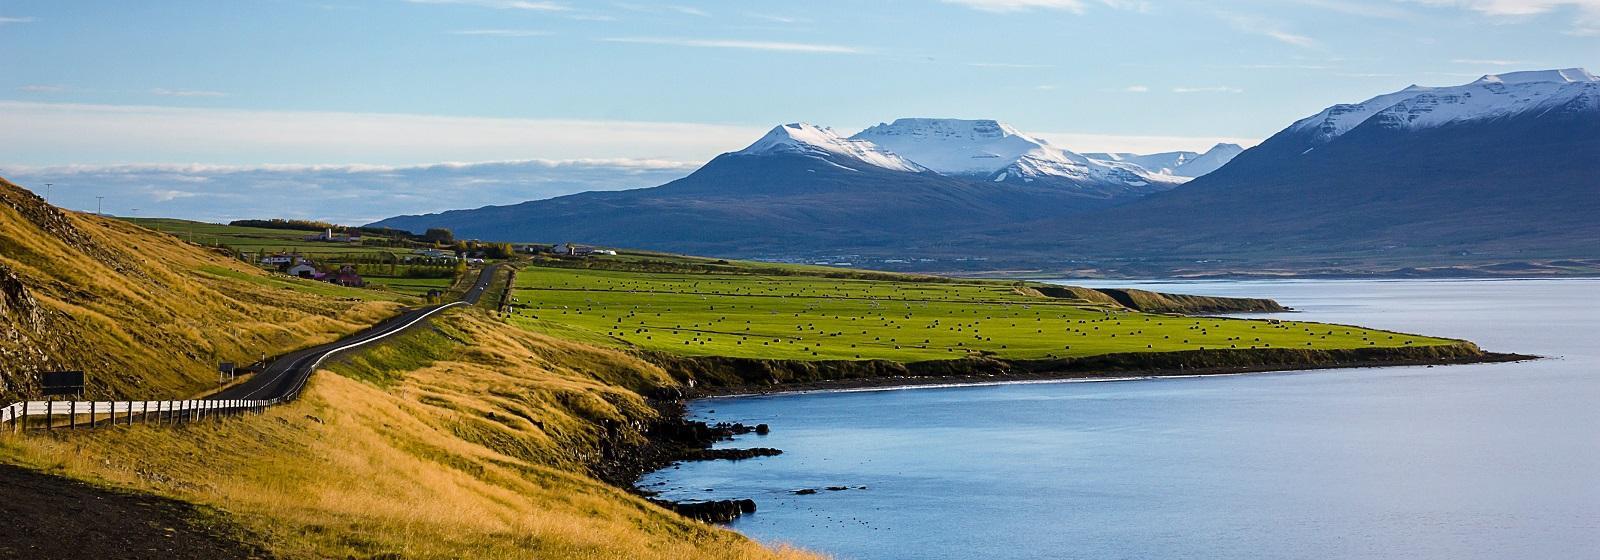 Things to do in Akureyri, Iceland